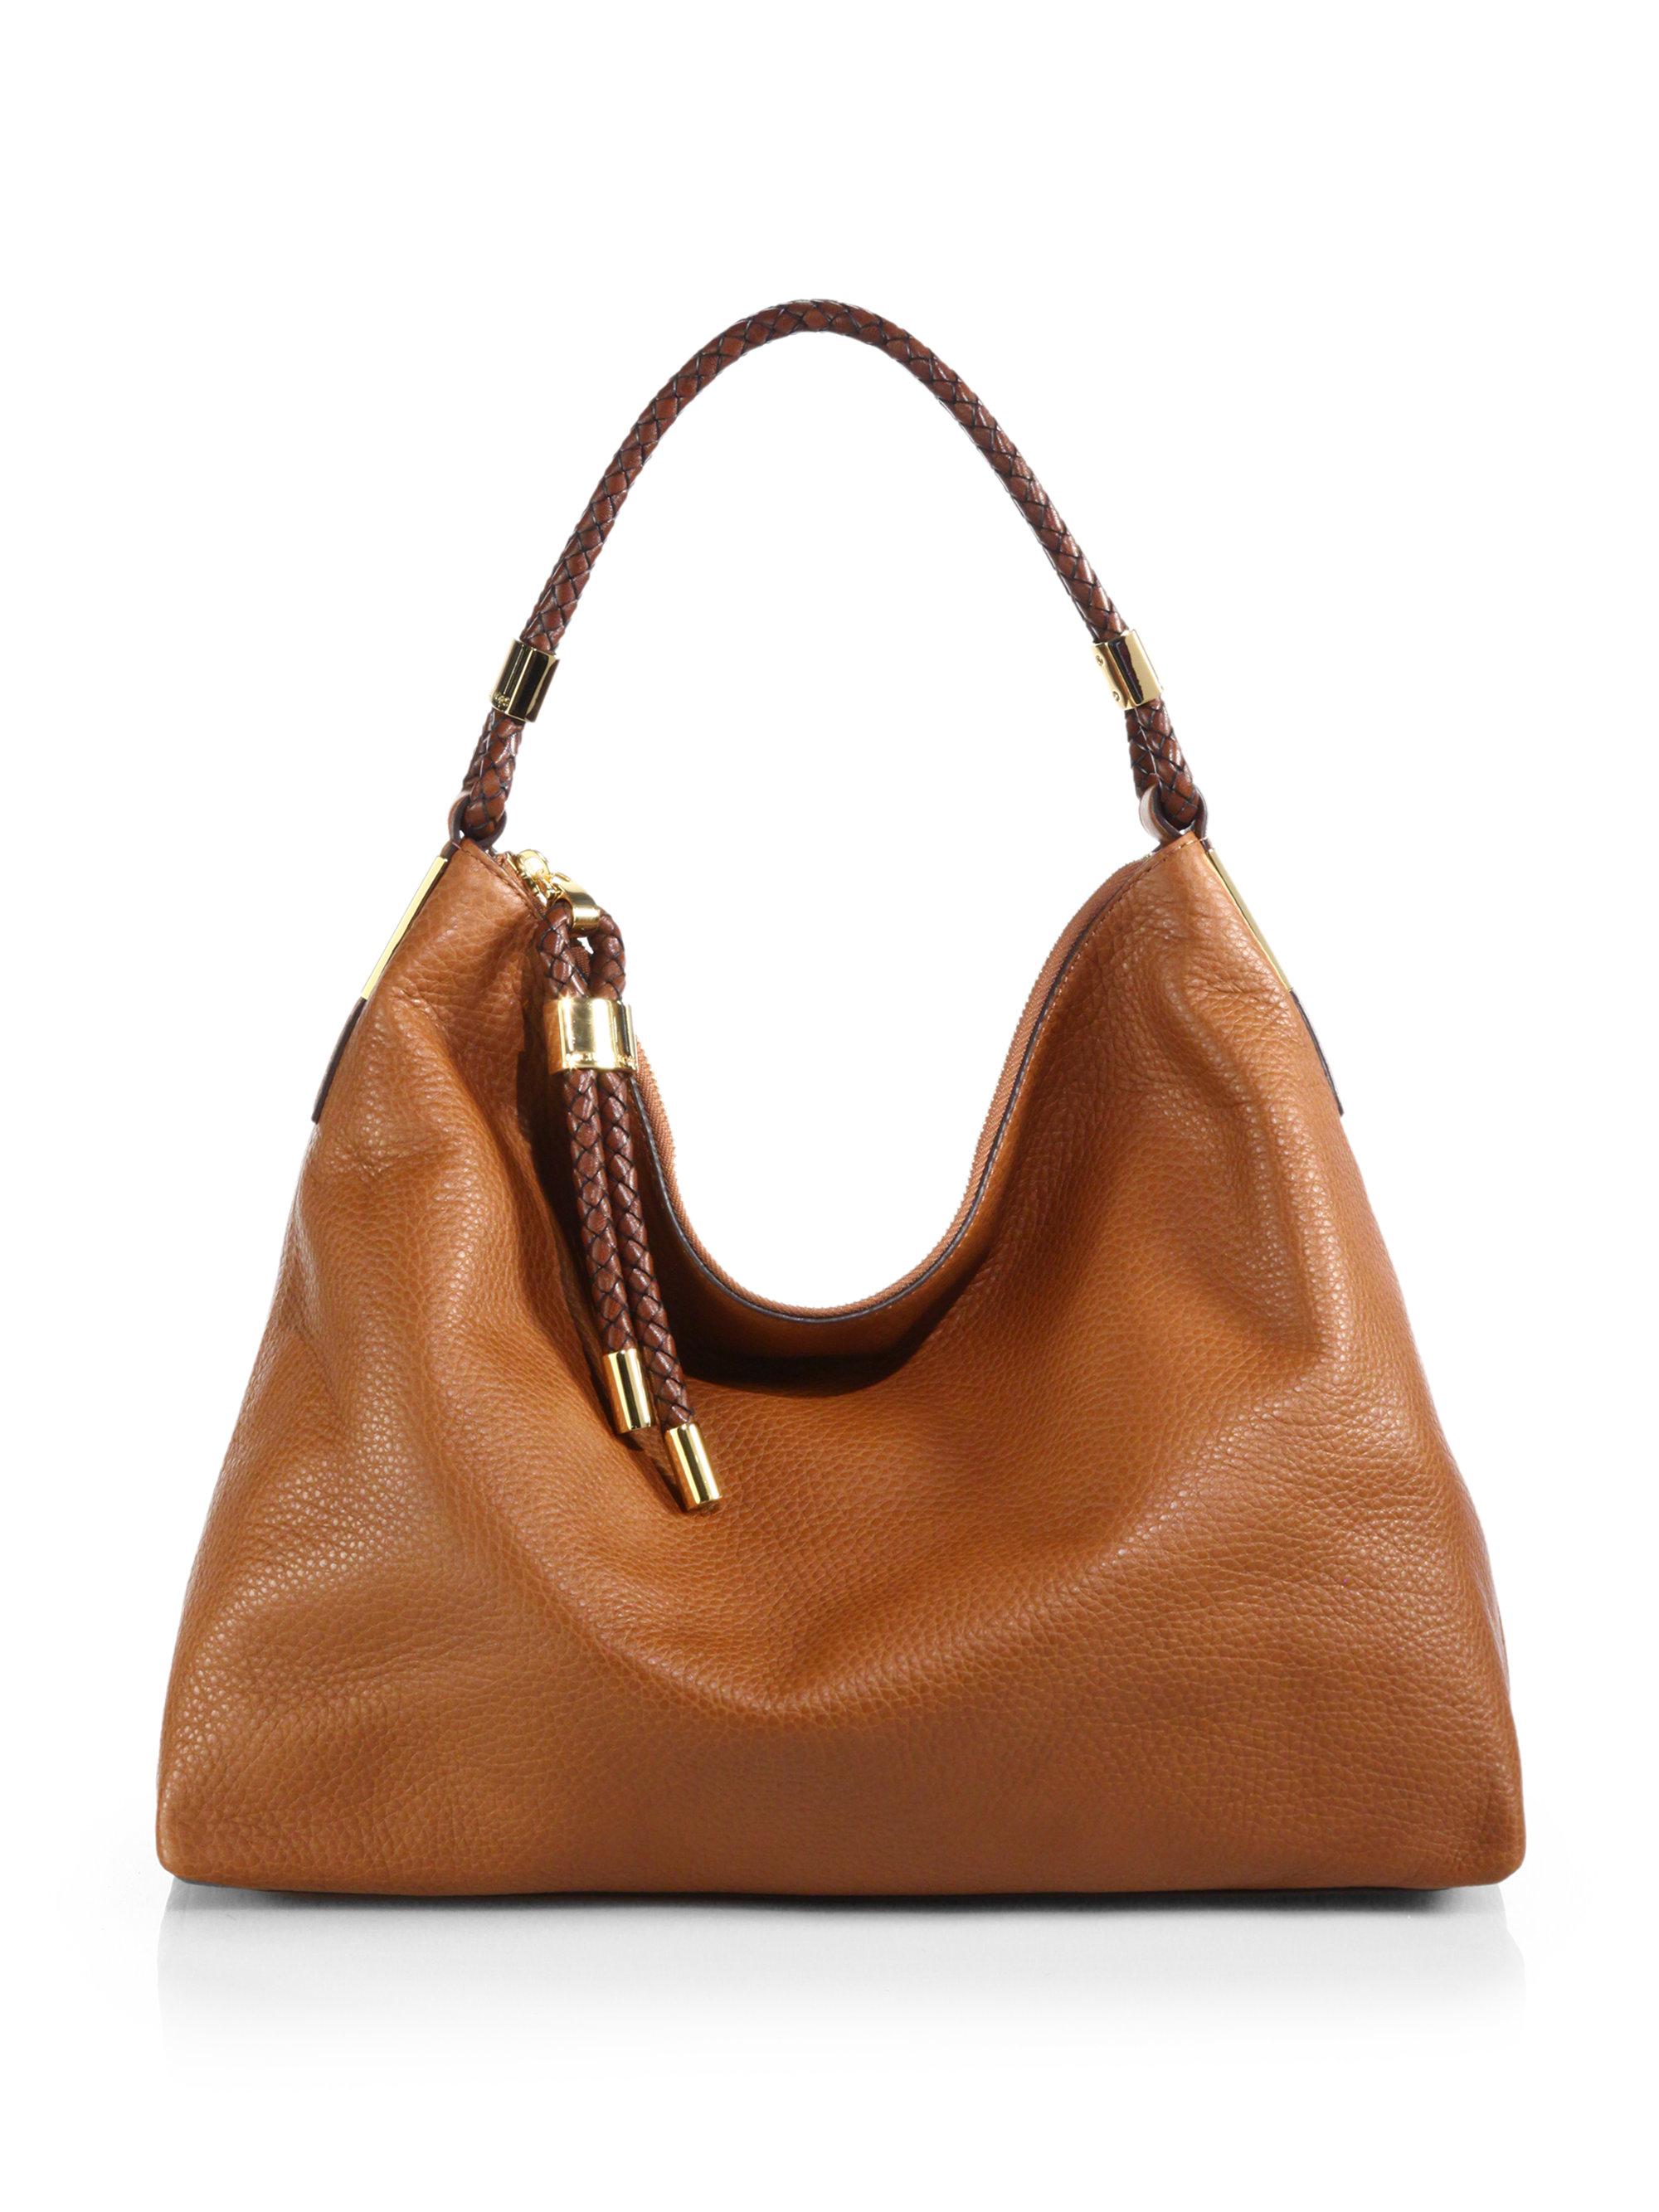 michael kors skorpios medium hobo bag in brown luggage lyst. Black Bedroom Furniture Sets. Home Design Ideas